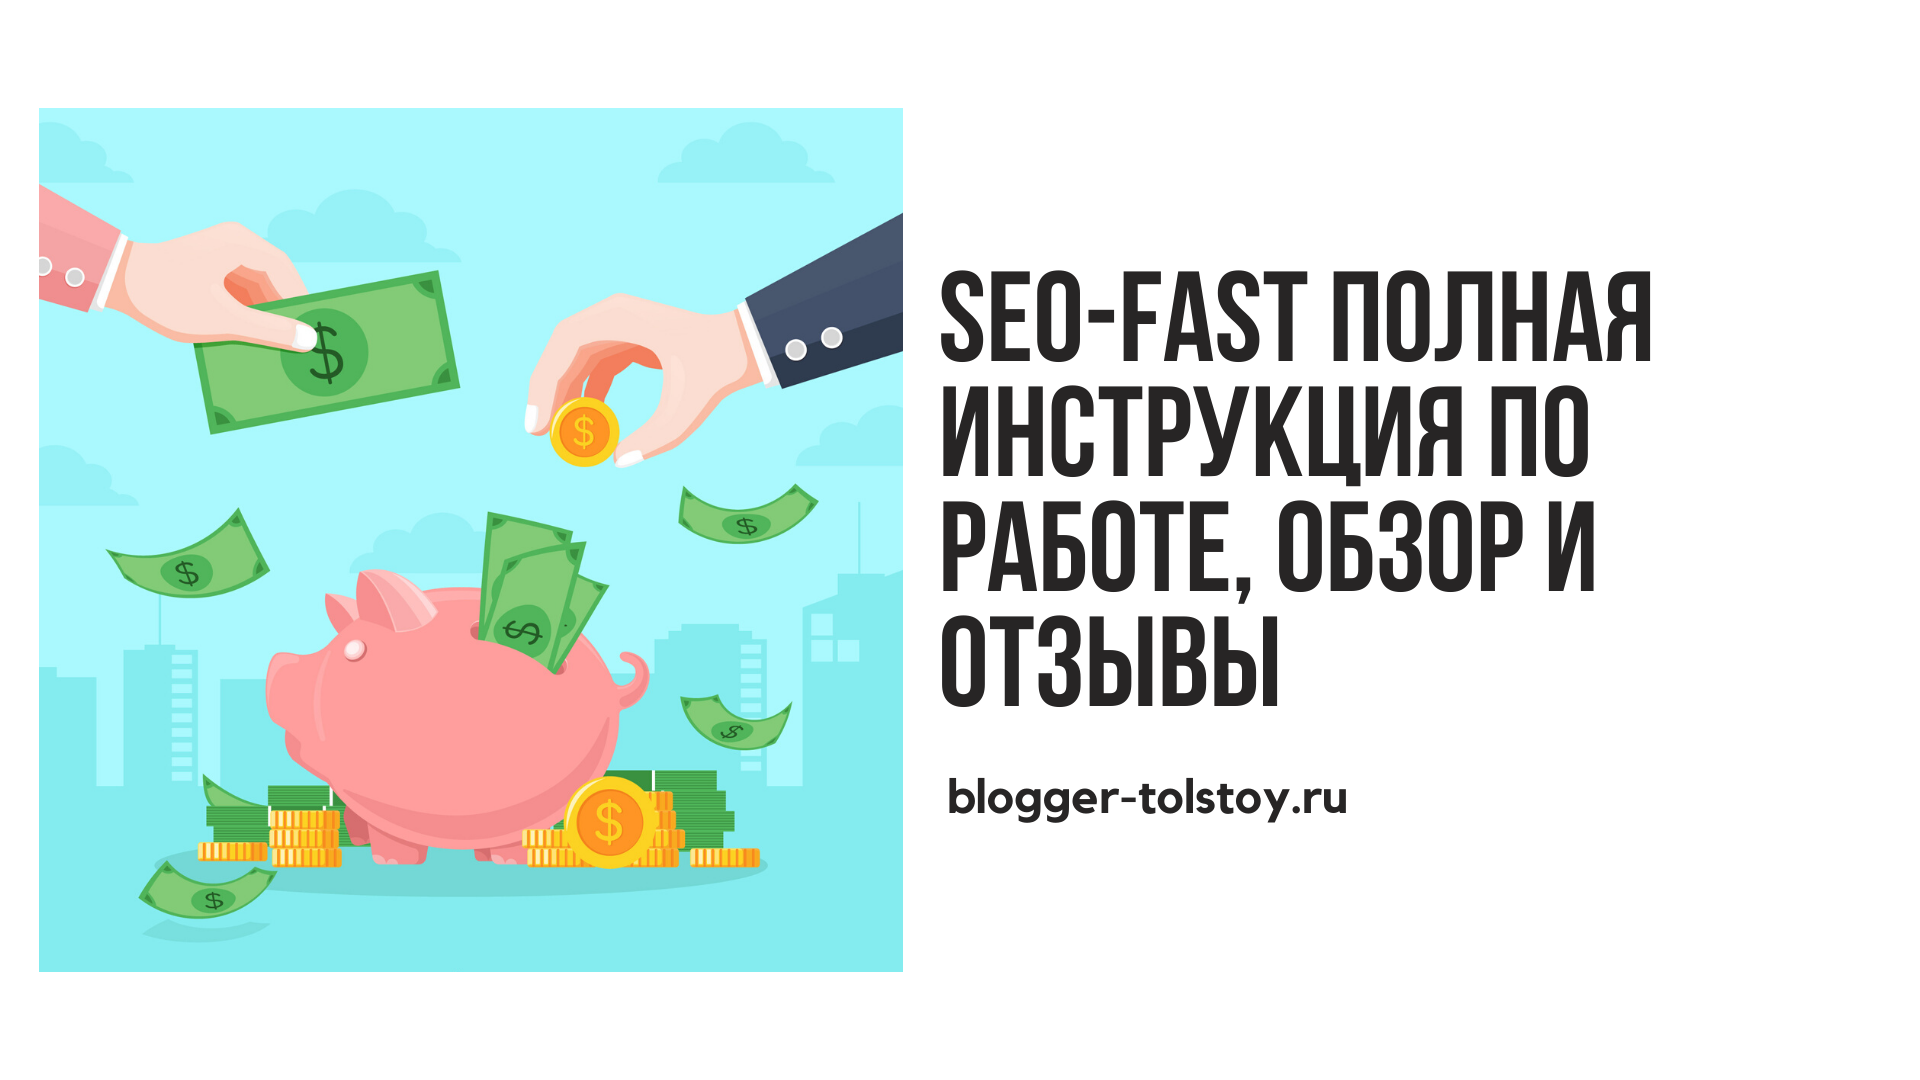 Seo-fast полная инструкция по работе, обзор и отзывы